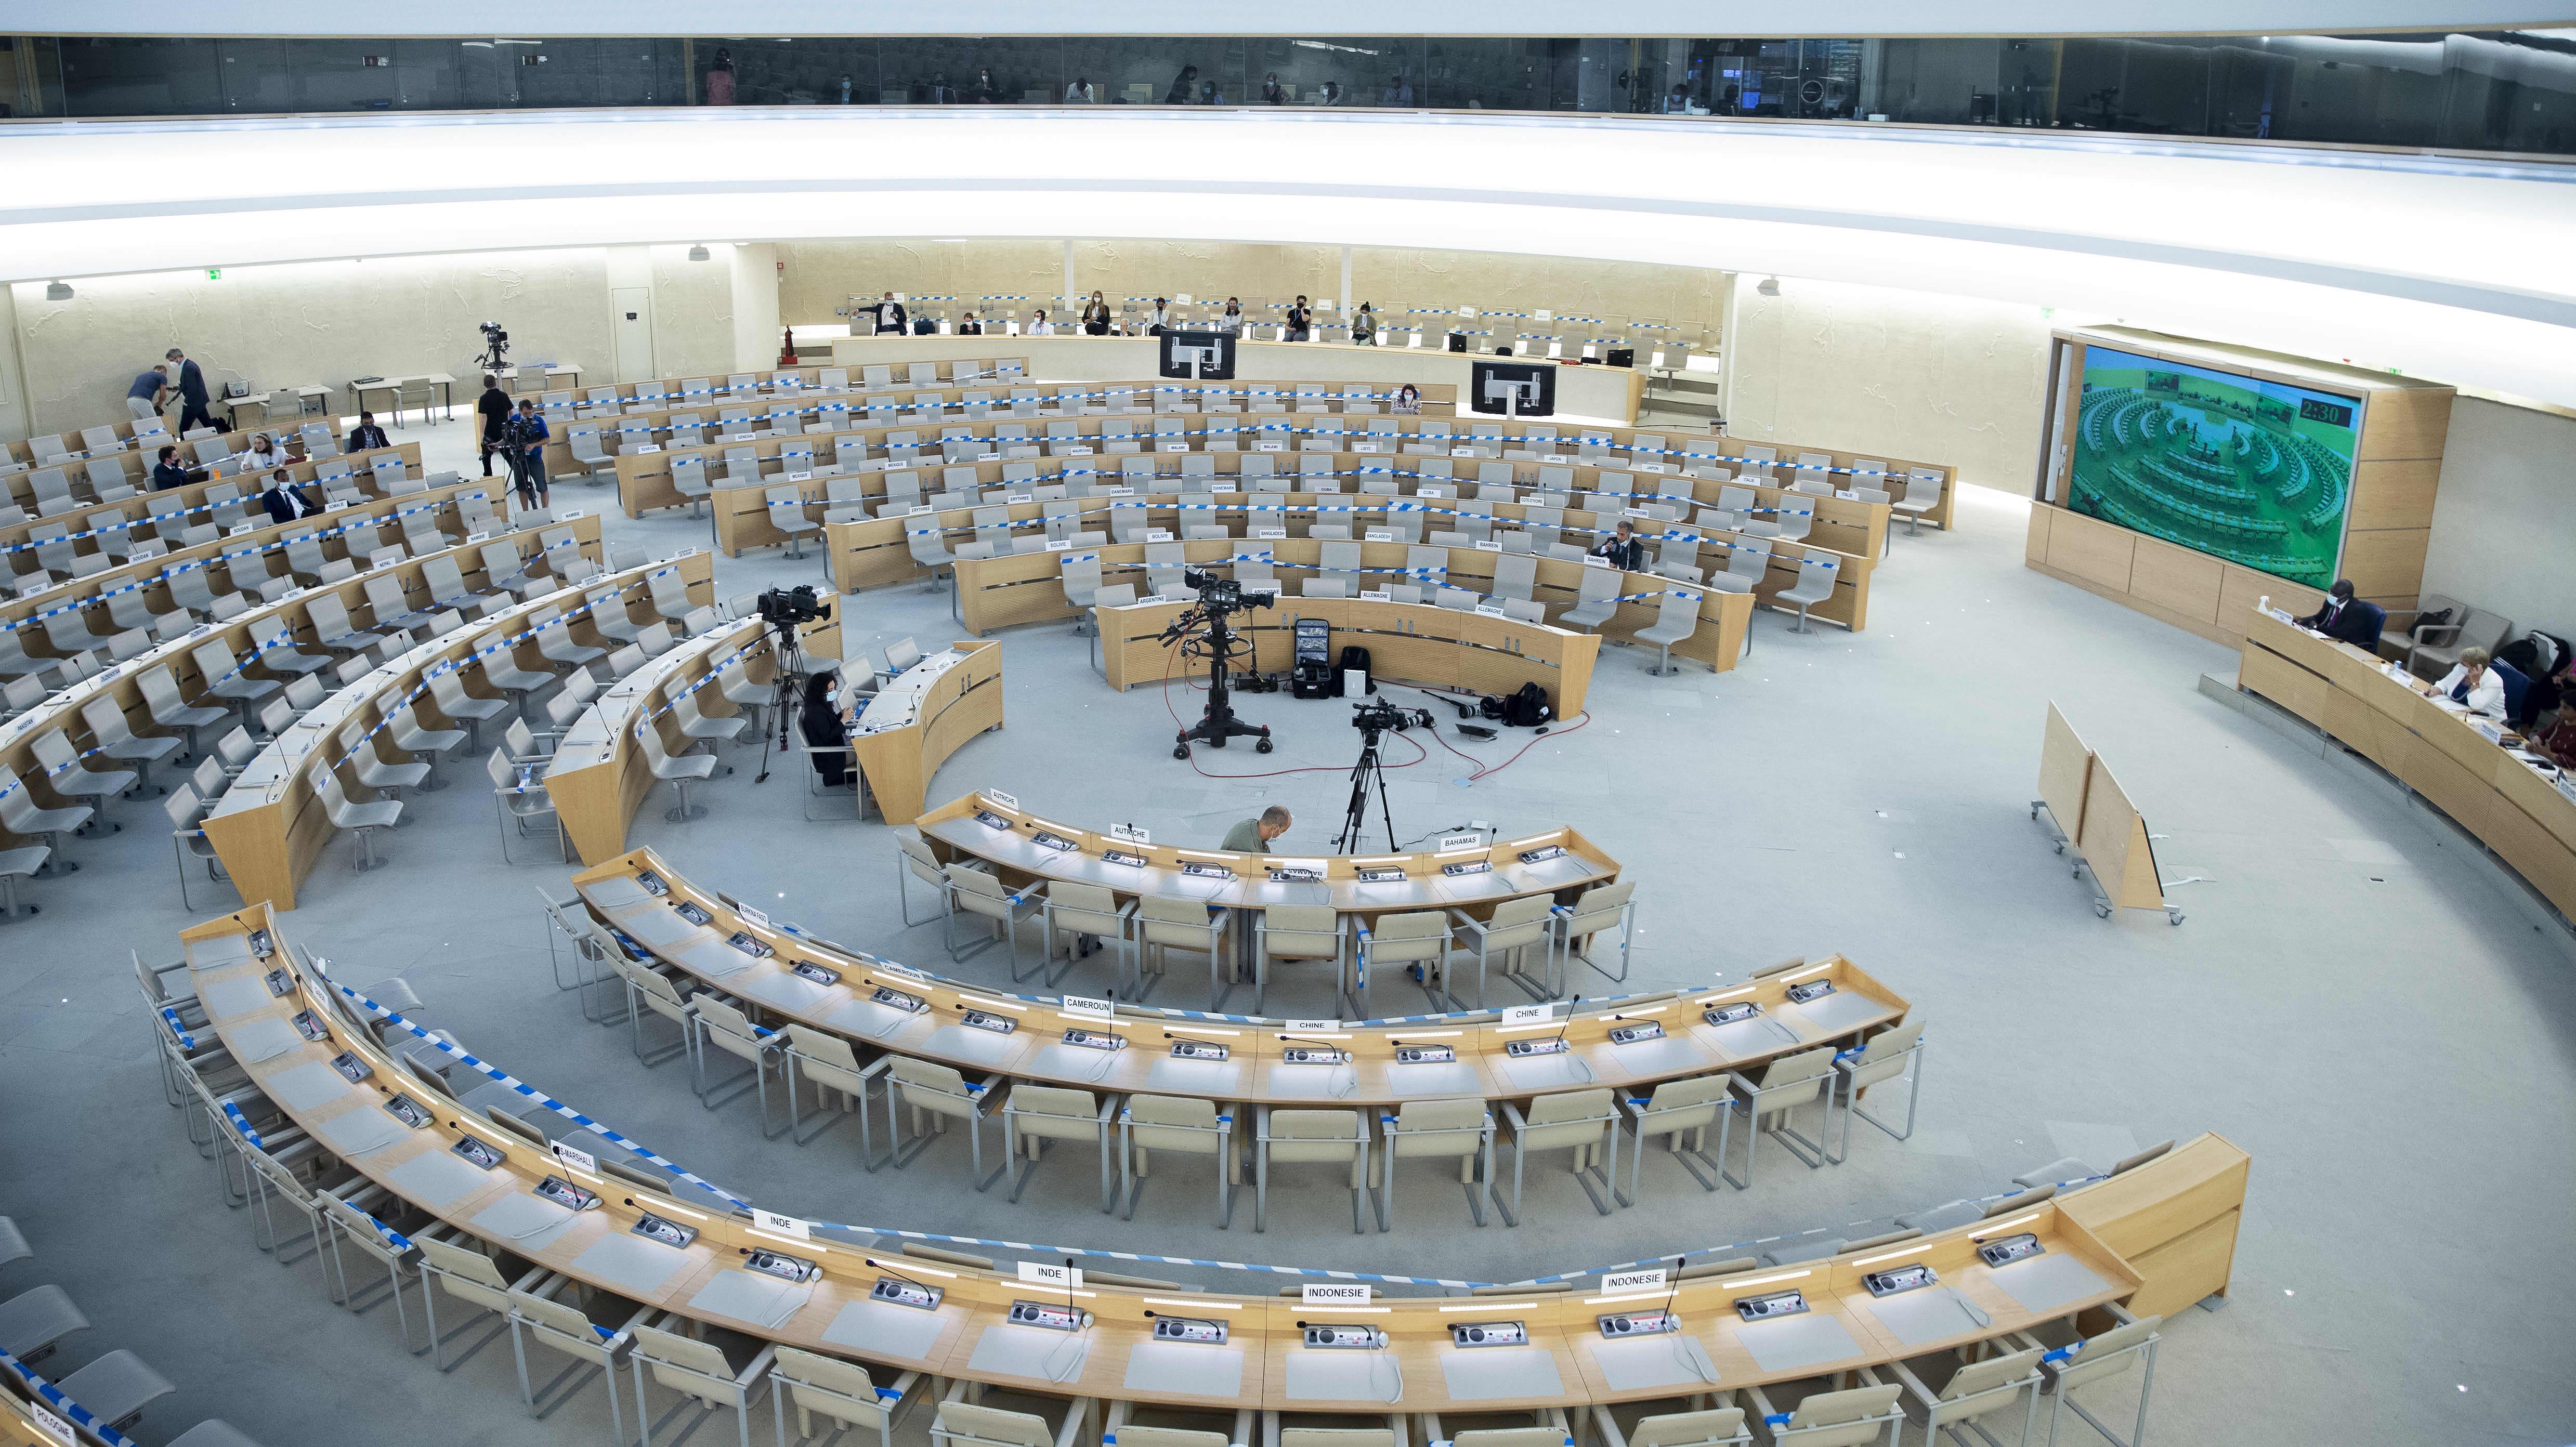 Yhdistyneiden kansakuntien ihmisoikeusneuvosto.